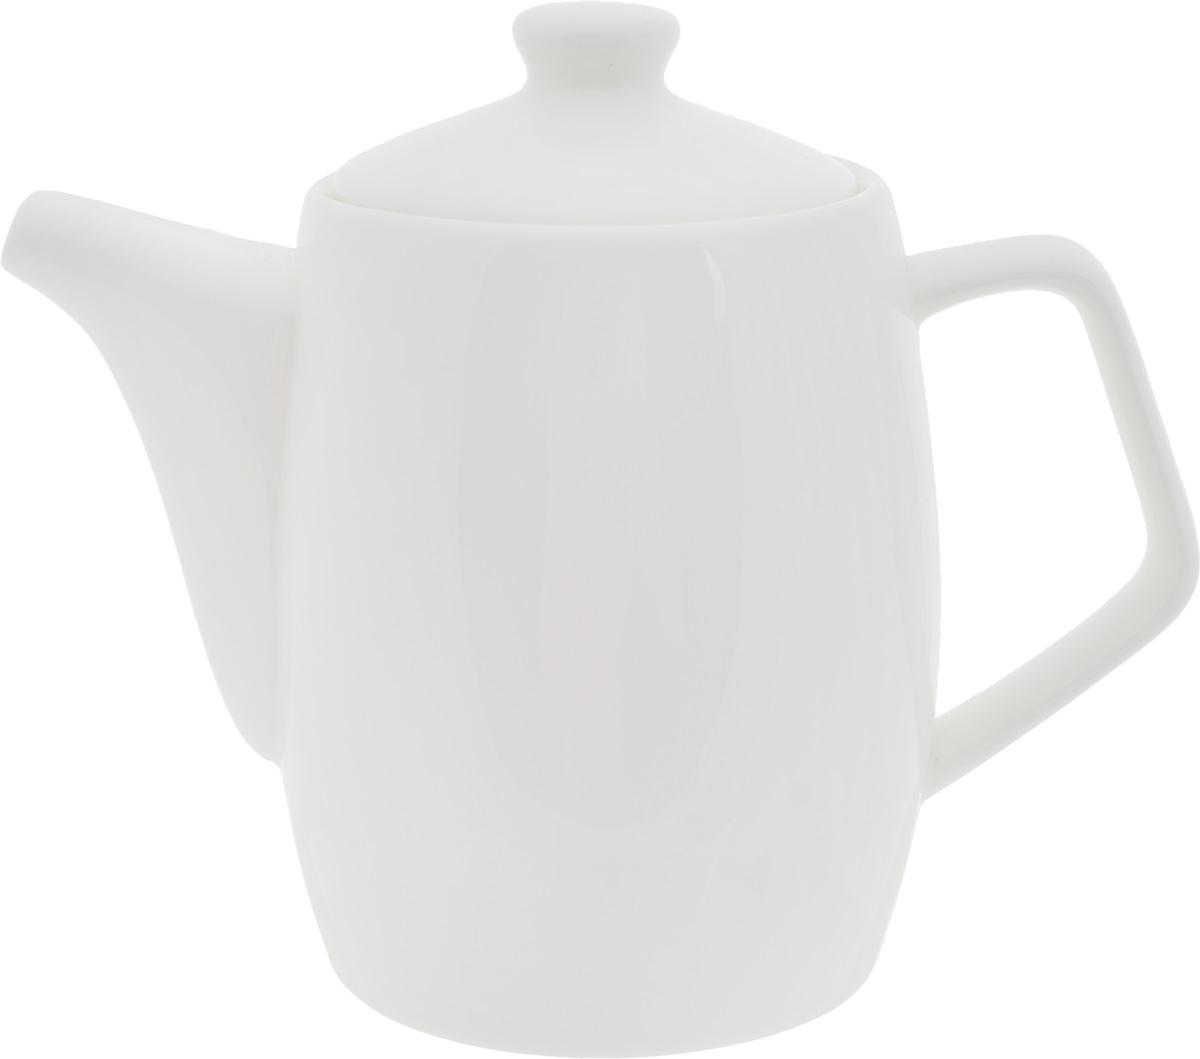 Чайник заварочный Wilmax, 1 лWL-994025 / 1CЗаварочный чайник Wilmax изготовлен из высококачественного фарфора. Глазурованное покрытие обеспечивает легкую очистку. Изделие прекрасно подходит для заваривания вкусного и ароматного чая, а также травяных настоев. Ситечко в основании носика препятствует попаданию чаинок в чашку. Оригинальный дизайн сделает чайник настоящим украшением стола. Он удобен в использовании и понравится каждому. Можно мыть в посудомоечной машине и использовать в микроволновой печи. Диаметр чайника (по верхнему краю): 9,2 см. Высота чайника (без учета крышки): 14,2 см.